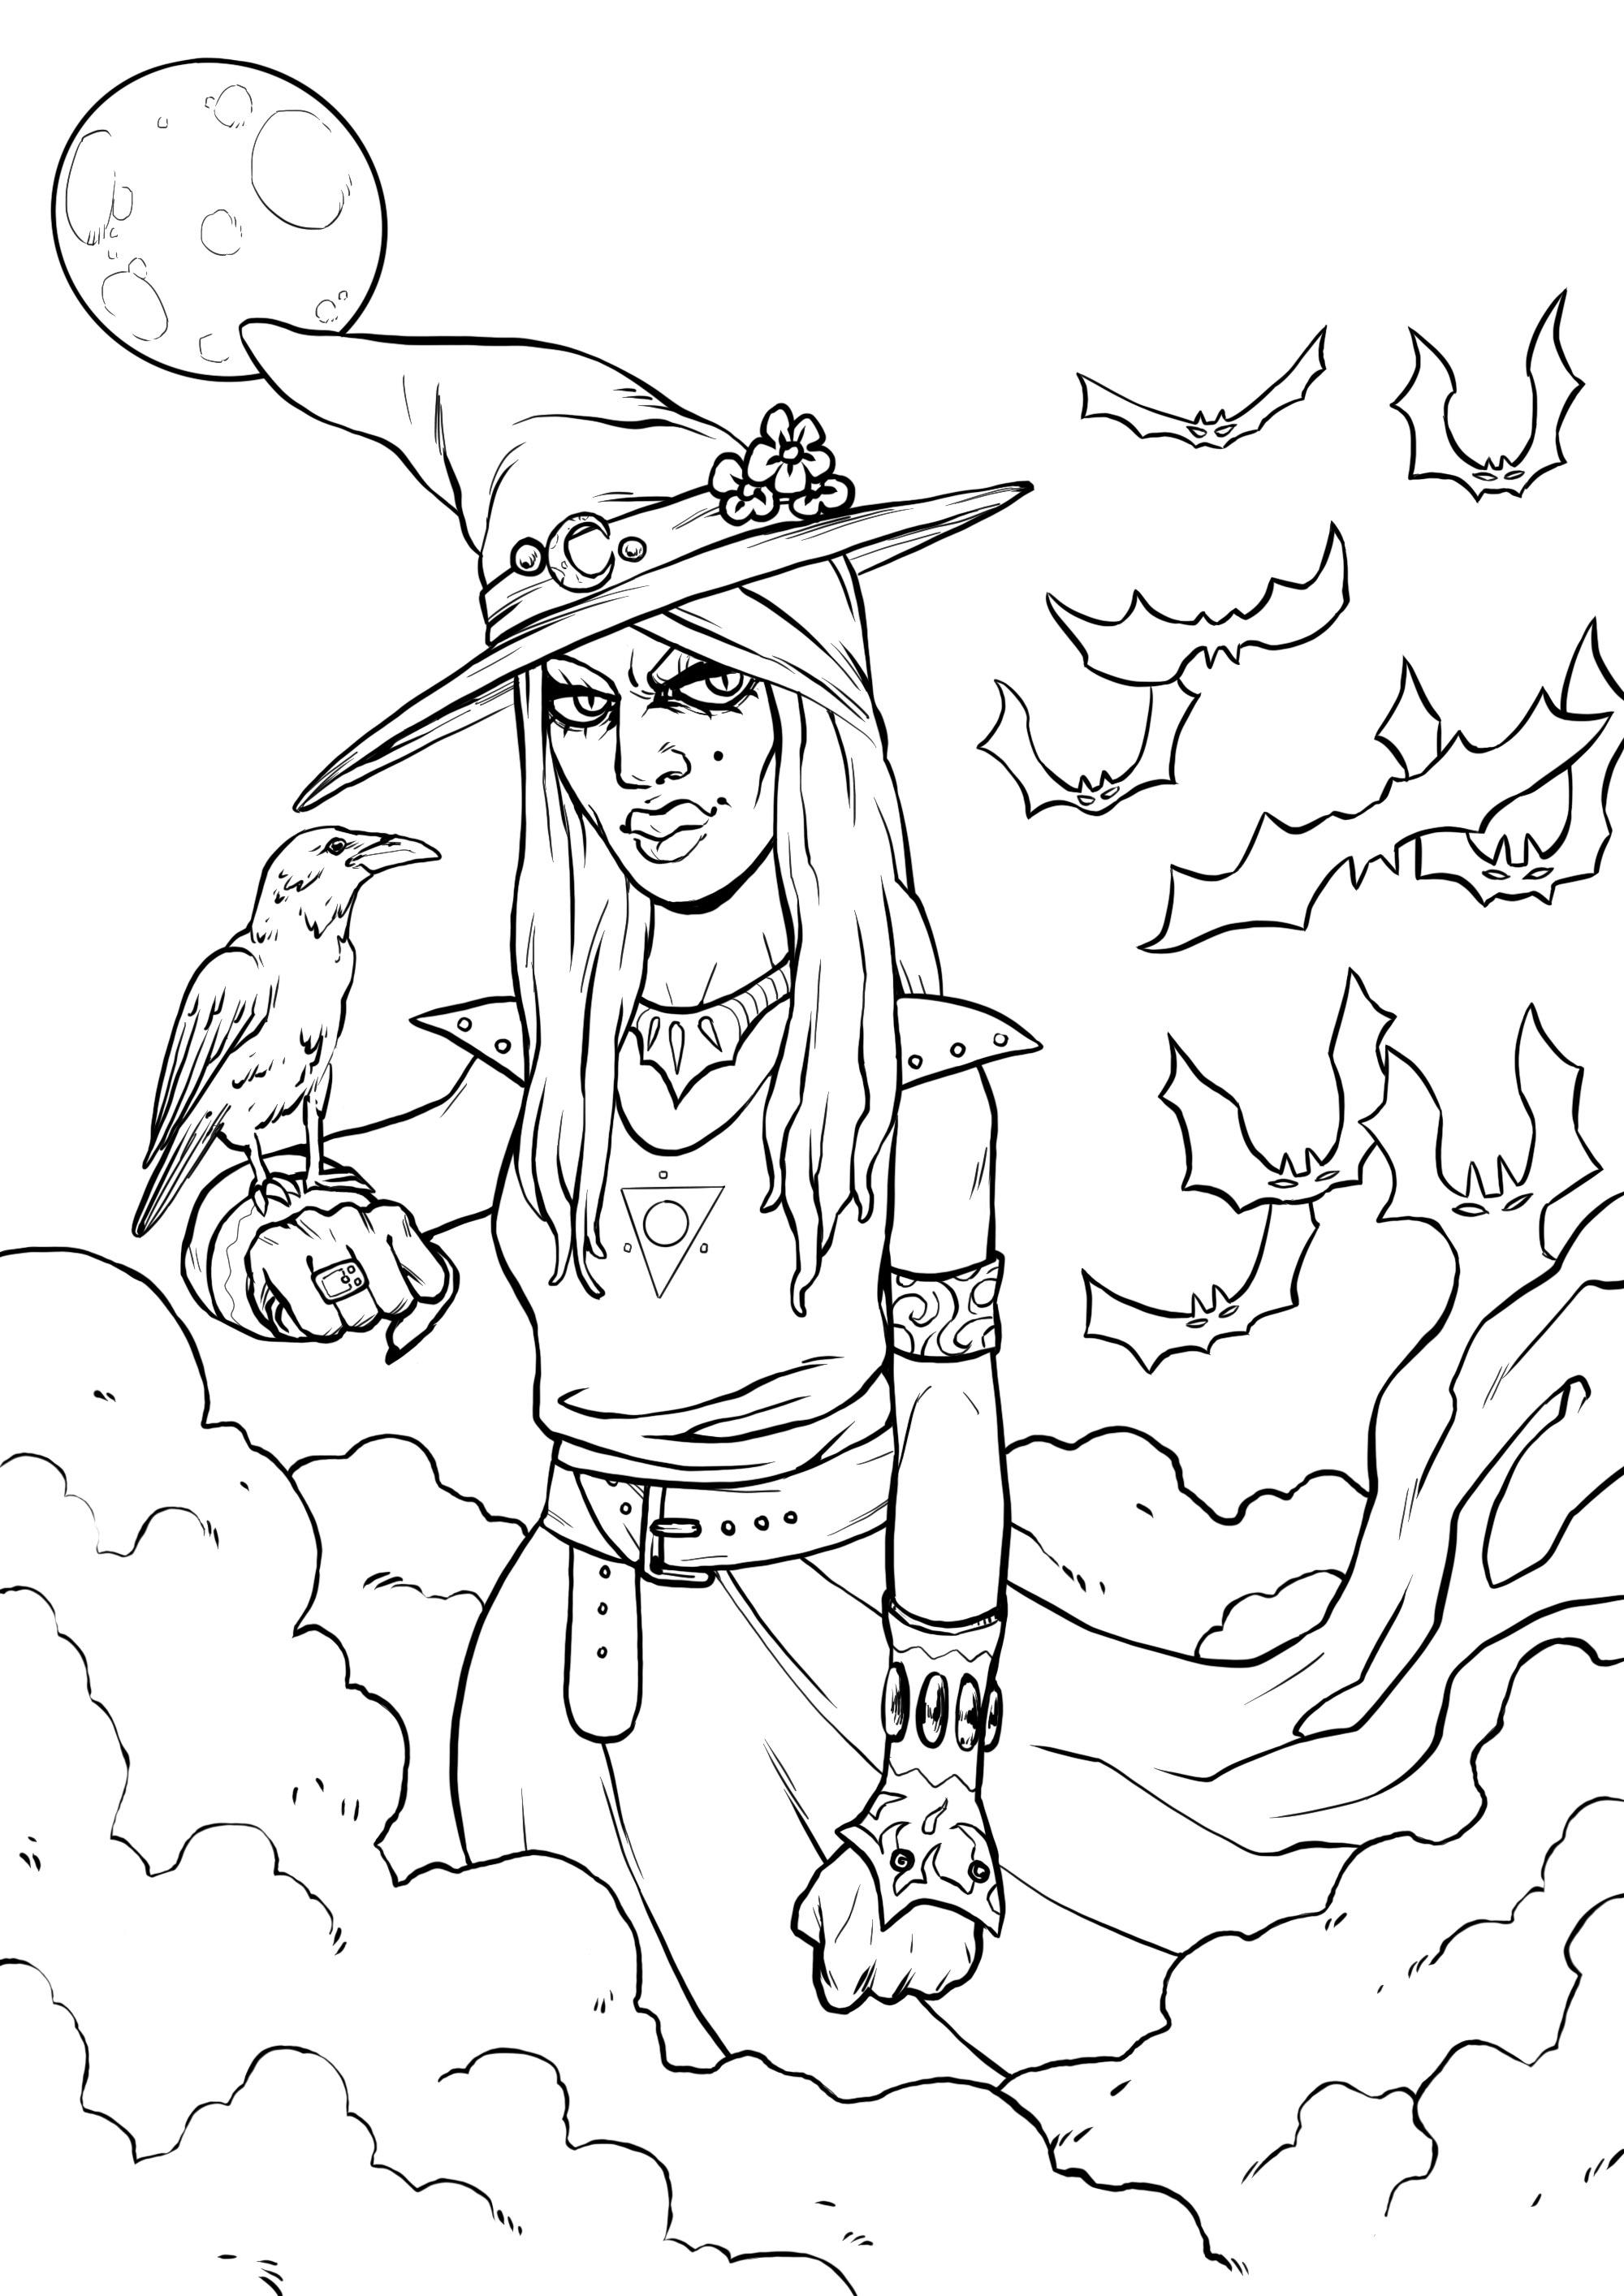 Disegni da Colorare per Adulti : Halloween - 2